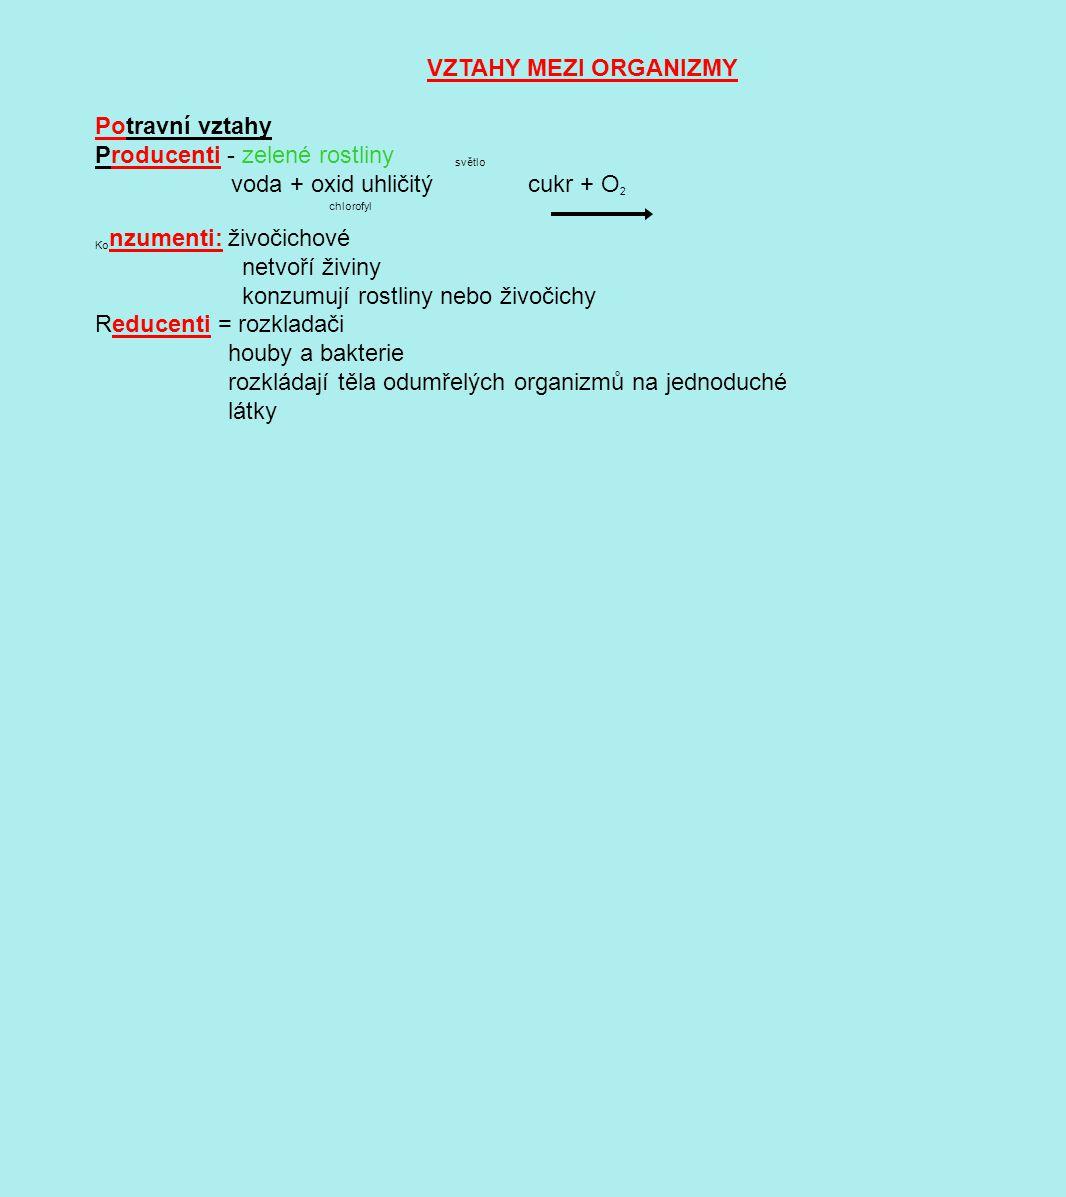 VZTAHY MEZI ORGANIZMY Potravní vztahy Producenti - zelené rostliny světlo voda + oxid uhličitý cukr + O 2 chlorofyl Ko nzumenti: živočichové netvoří ž